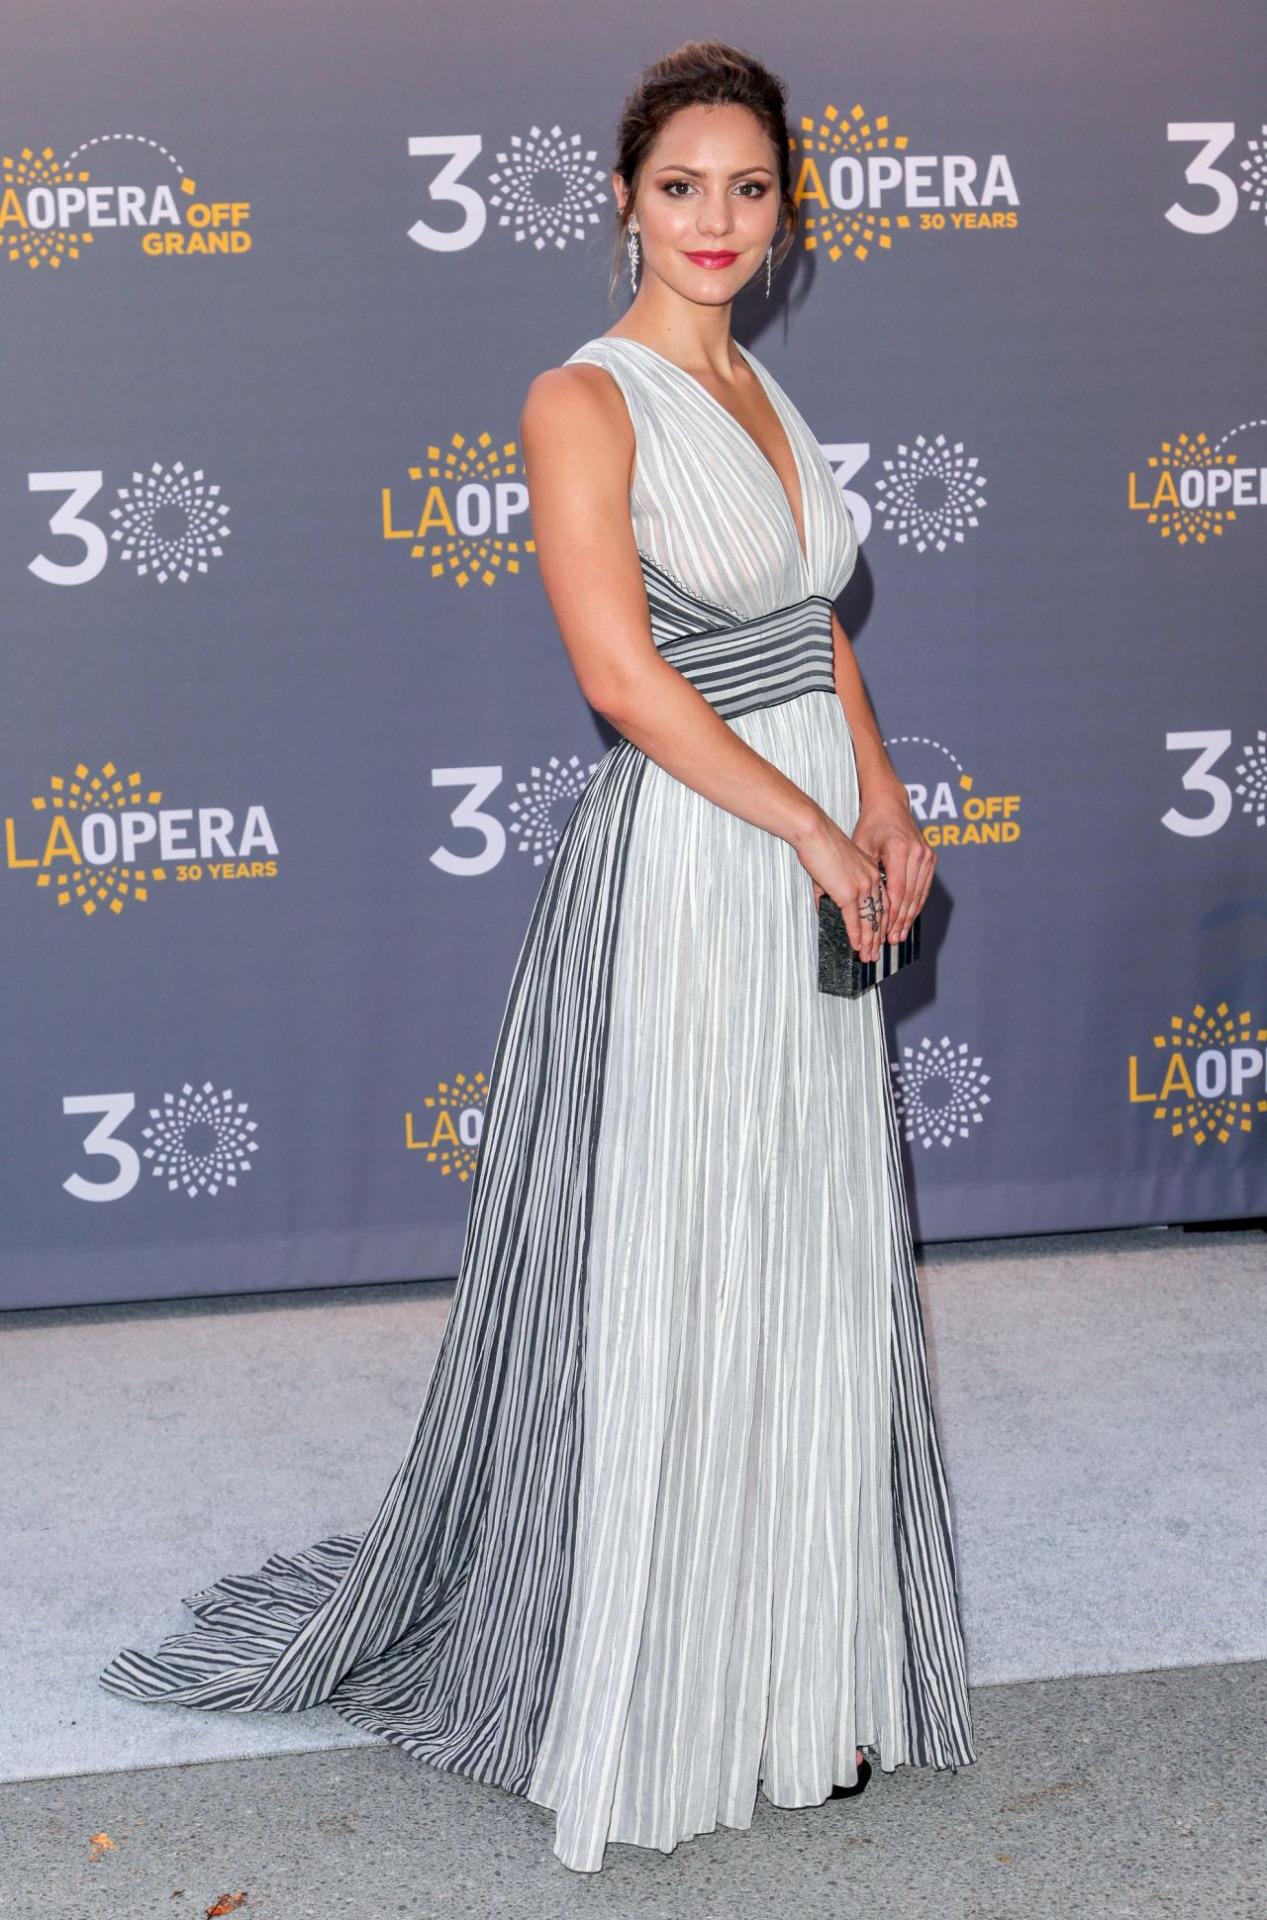 Katharine McPhee at LA Opera's 30th Anniversary Season Opening wearing sophie theallet.jpg